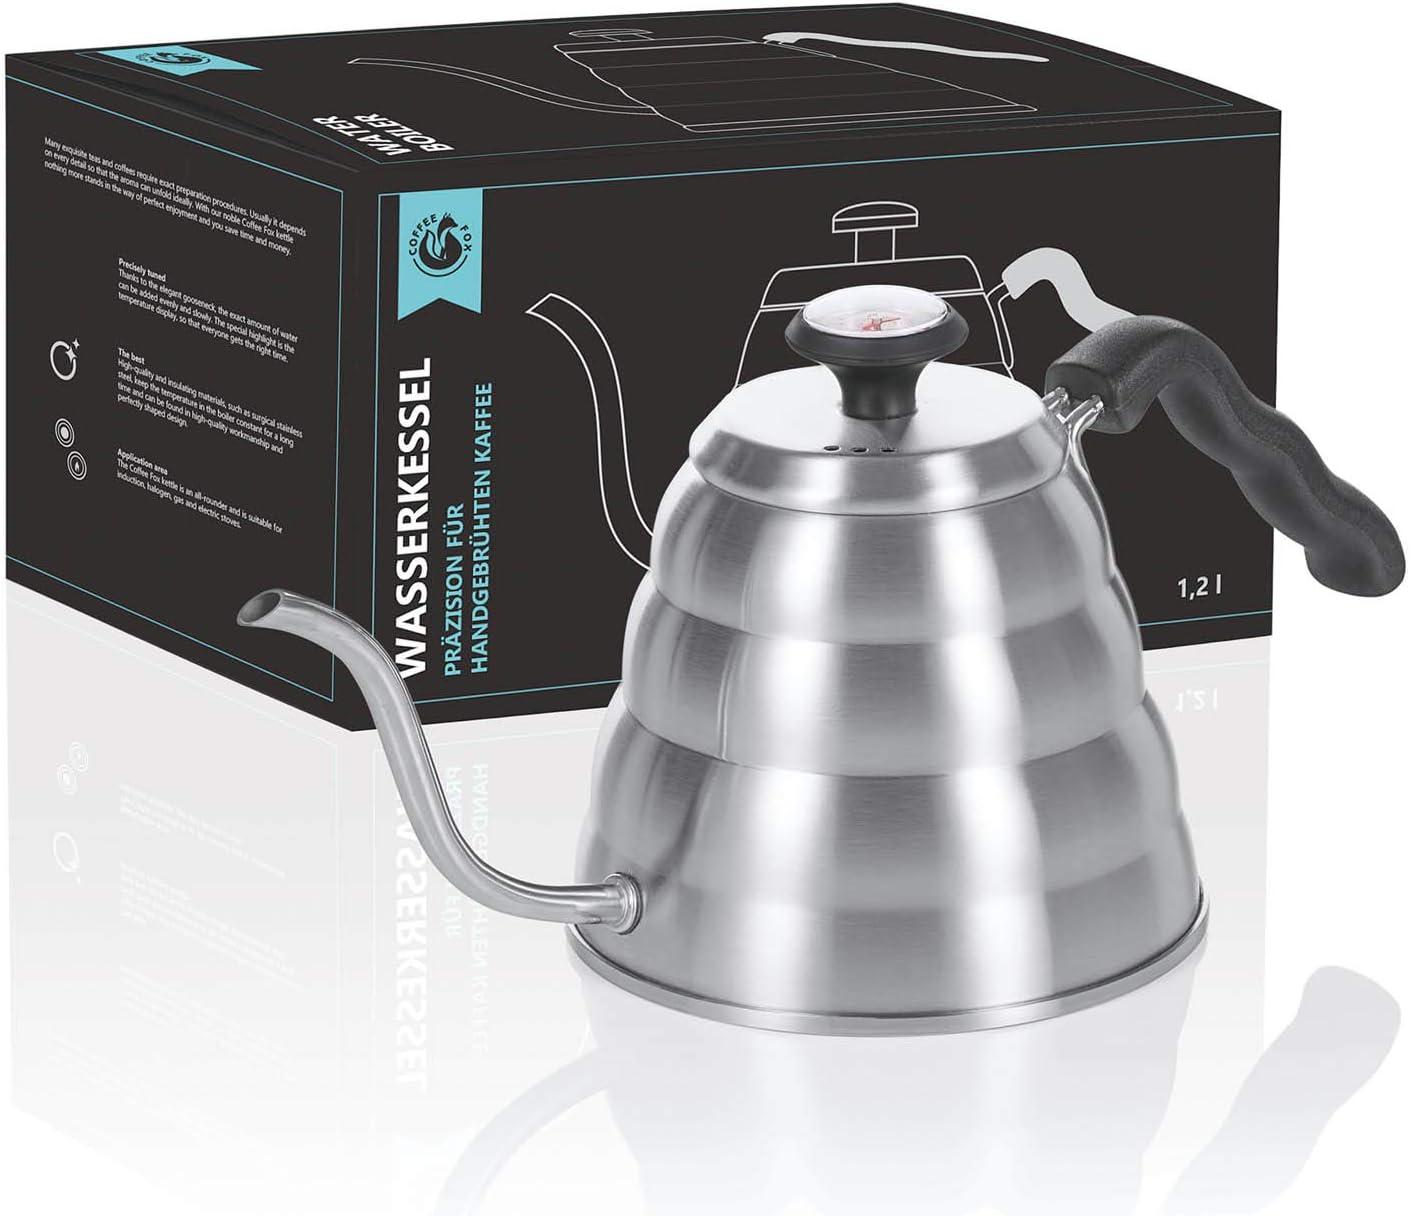 Hervidor de agua de 1,2 litros con termómetro; hervidor de café, hervidor de café y hervidor de té con control de temperatura de acero inoxidable para las cocinas de inducción, de gas y eléctricas